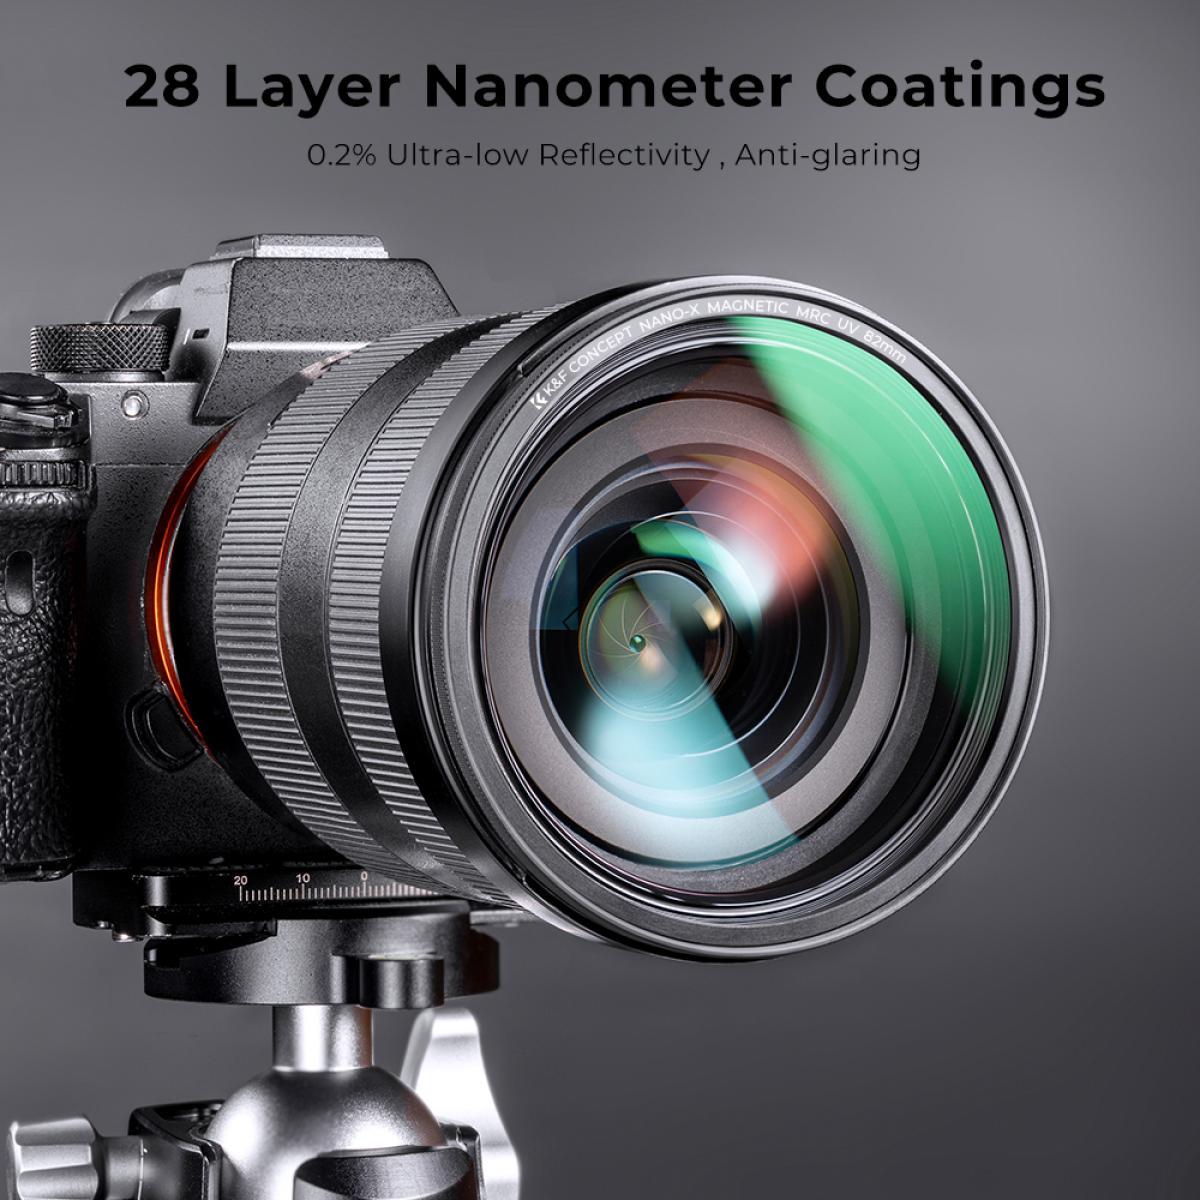 K&F - 58mm Kit Filtros Magnéticos compuesto por Filtro Protector UV + Filtro Polarizador (CPL) + Filtro de Densidad Neutra de 10 pasos (ND1000) y estuche de transporte